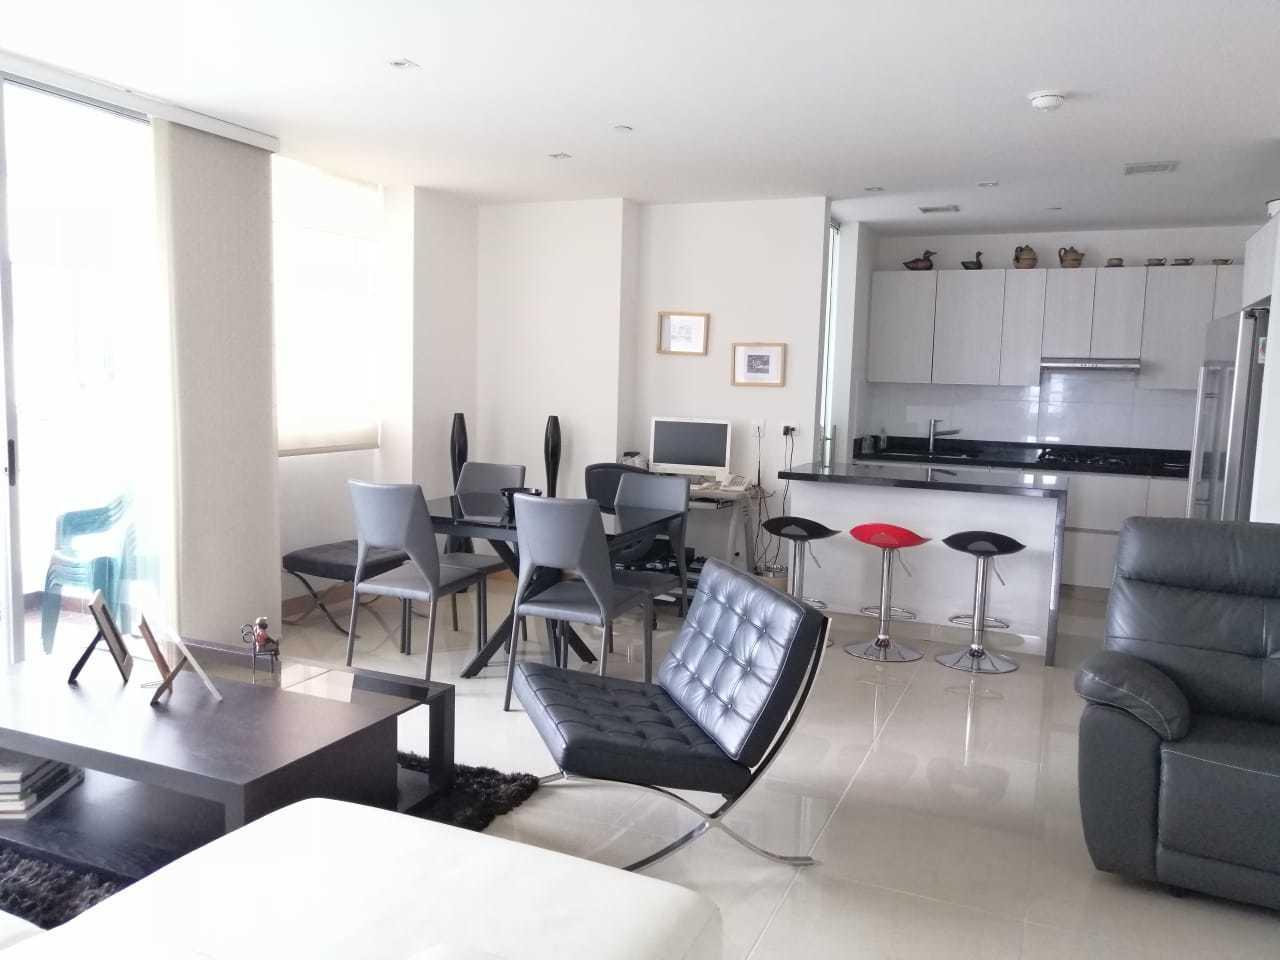 98520 - Se arrienda Apartamento Santa Maria de los Angeles - Poblado